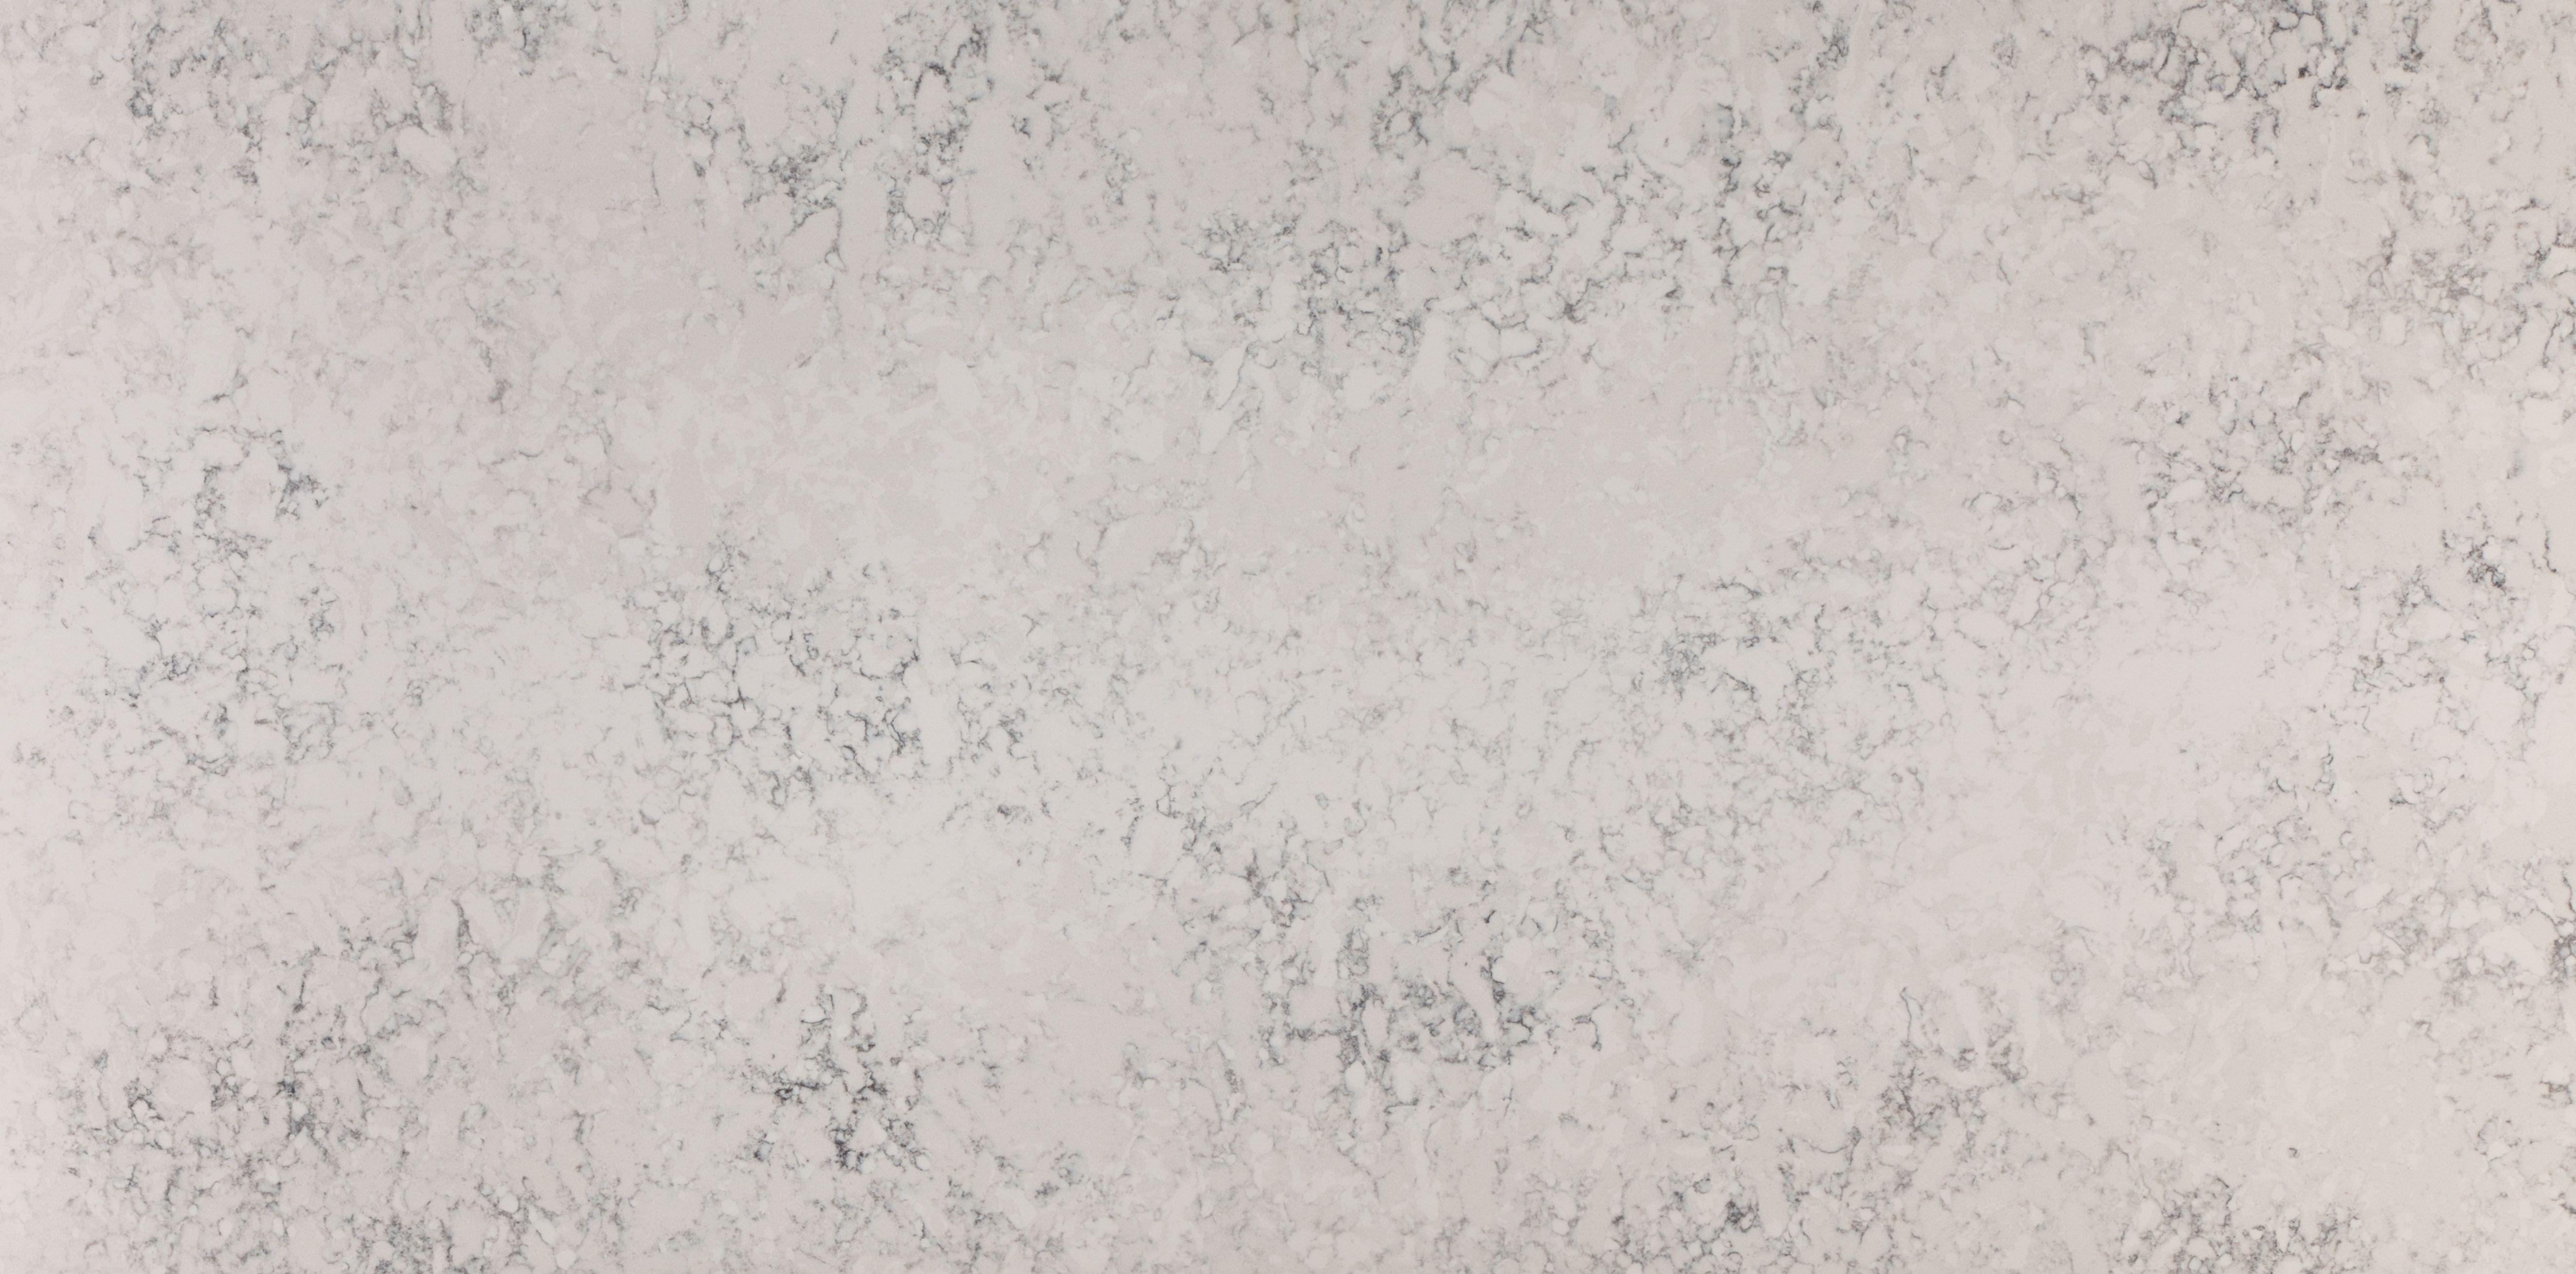 Silestone Quartz Surfaces